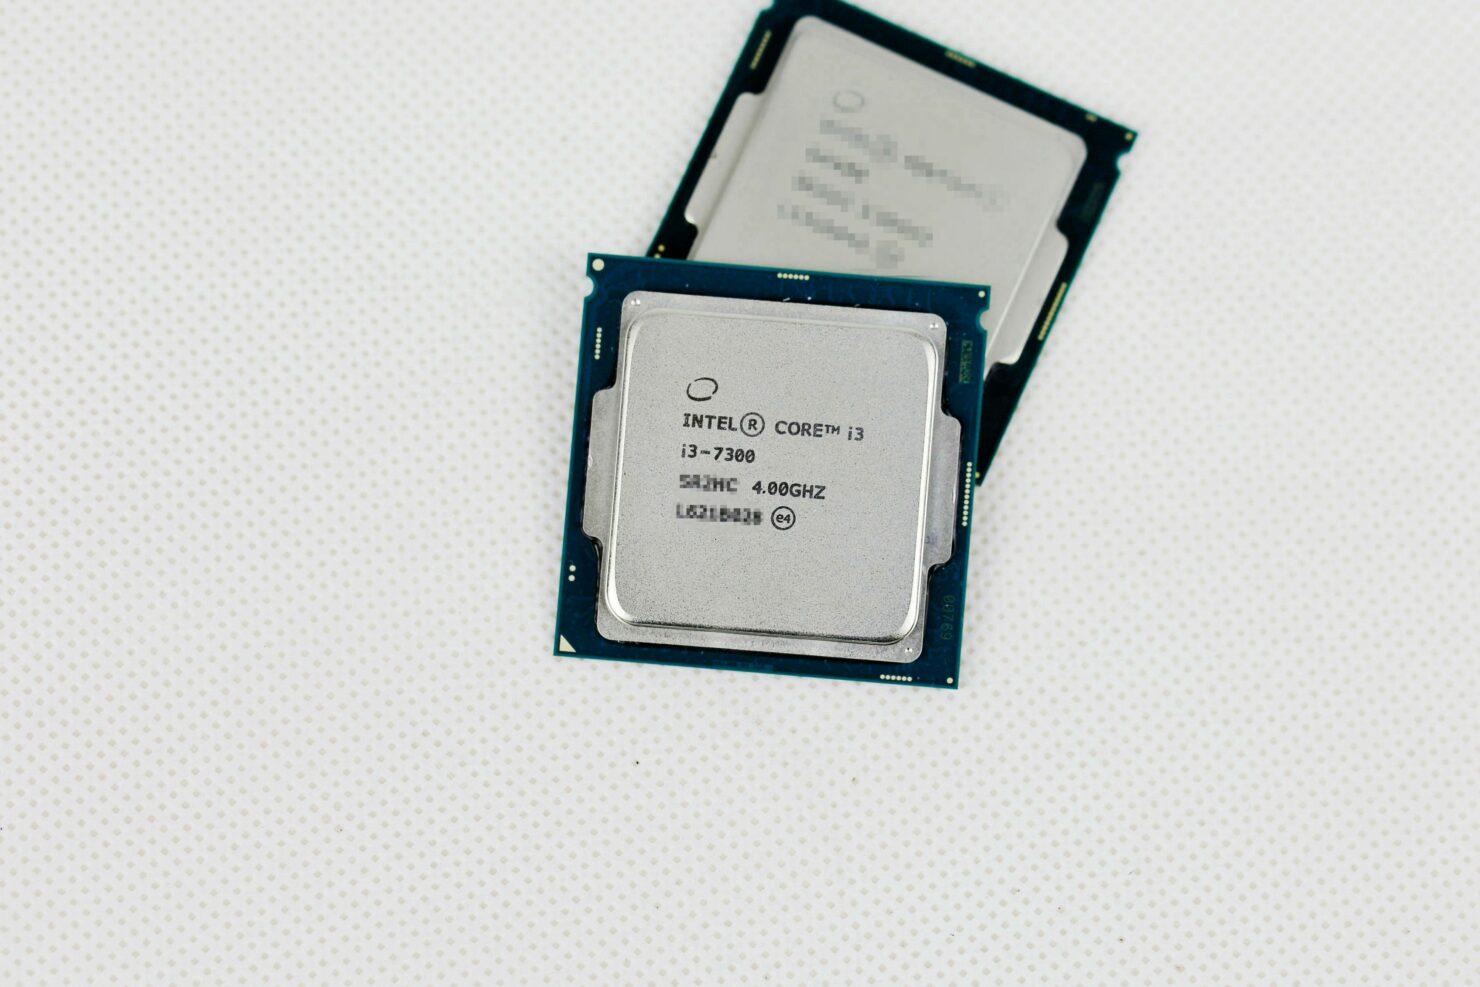 intel-core-i3-7300_pconline_1